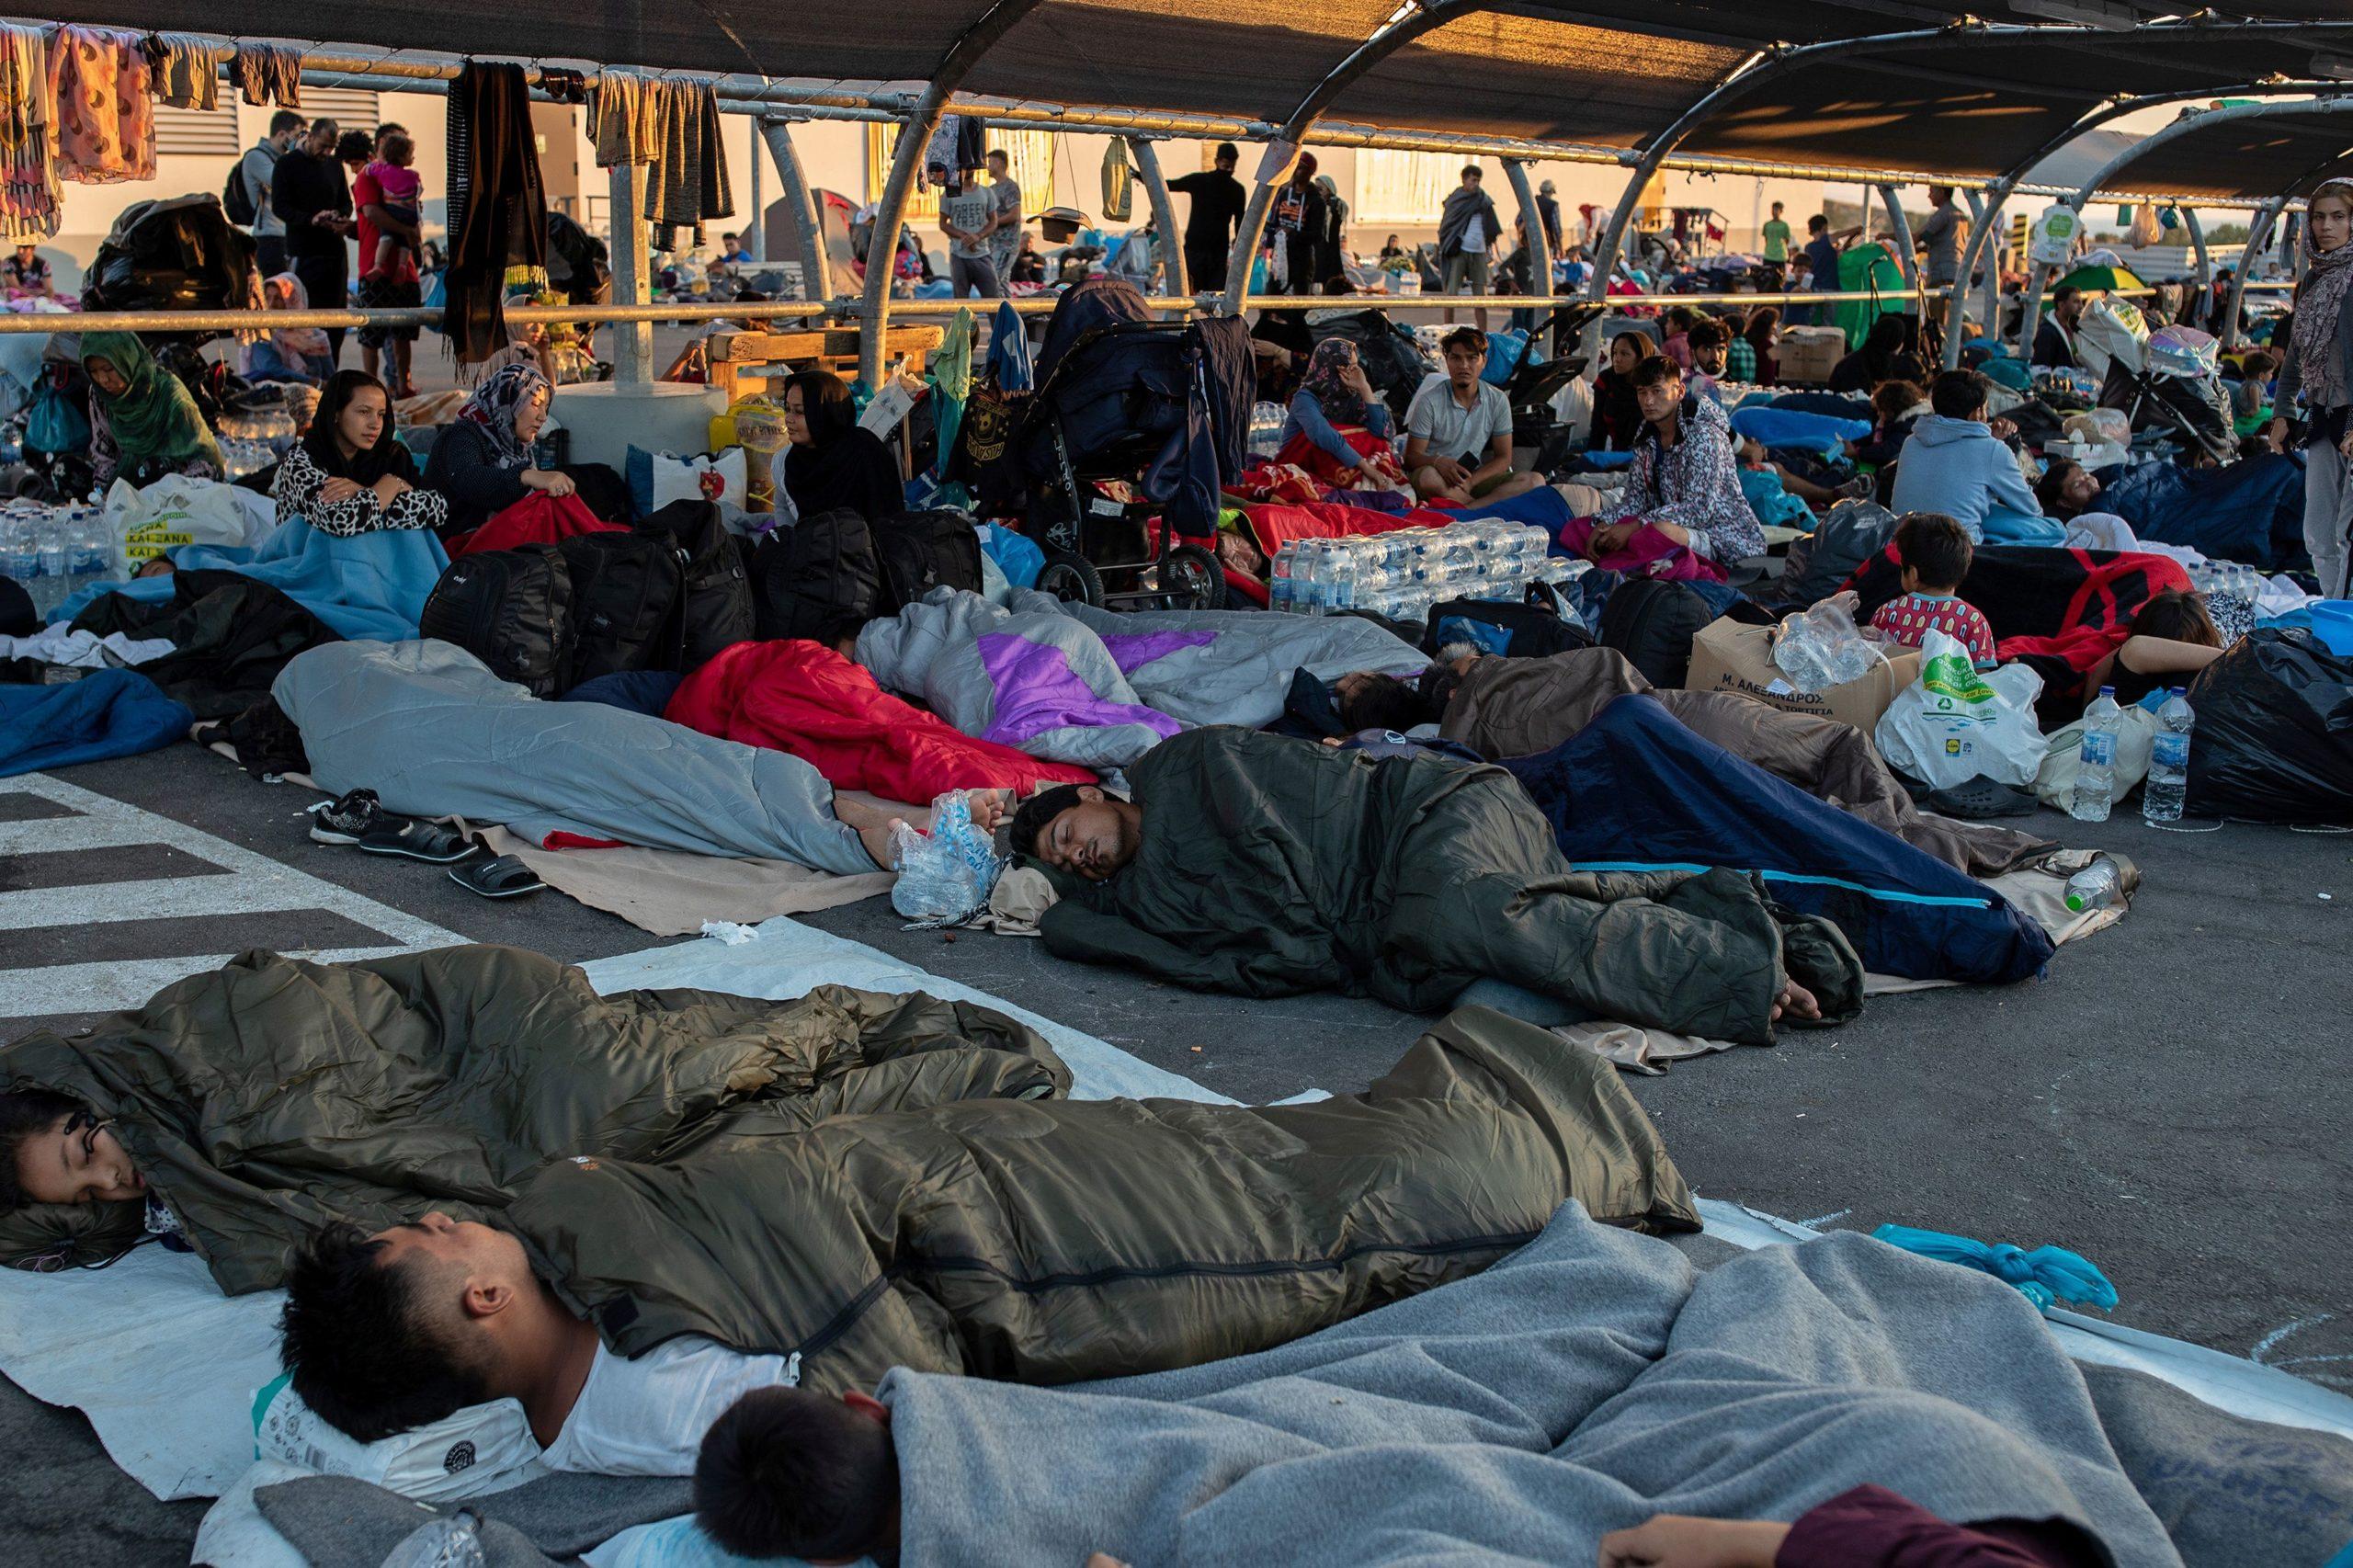 Deuxième nuit sans abri pour des milliers de migrants à Lesbos